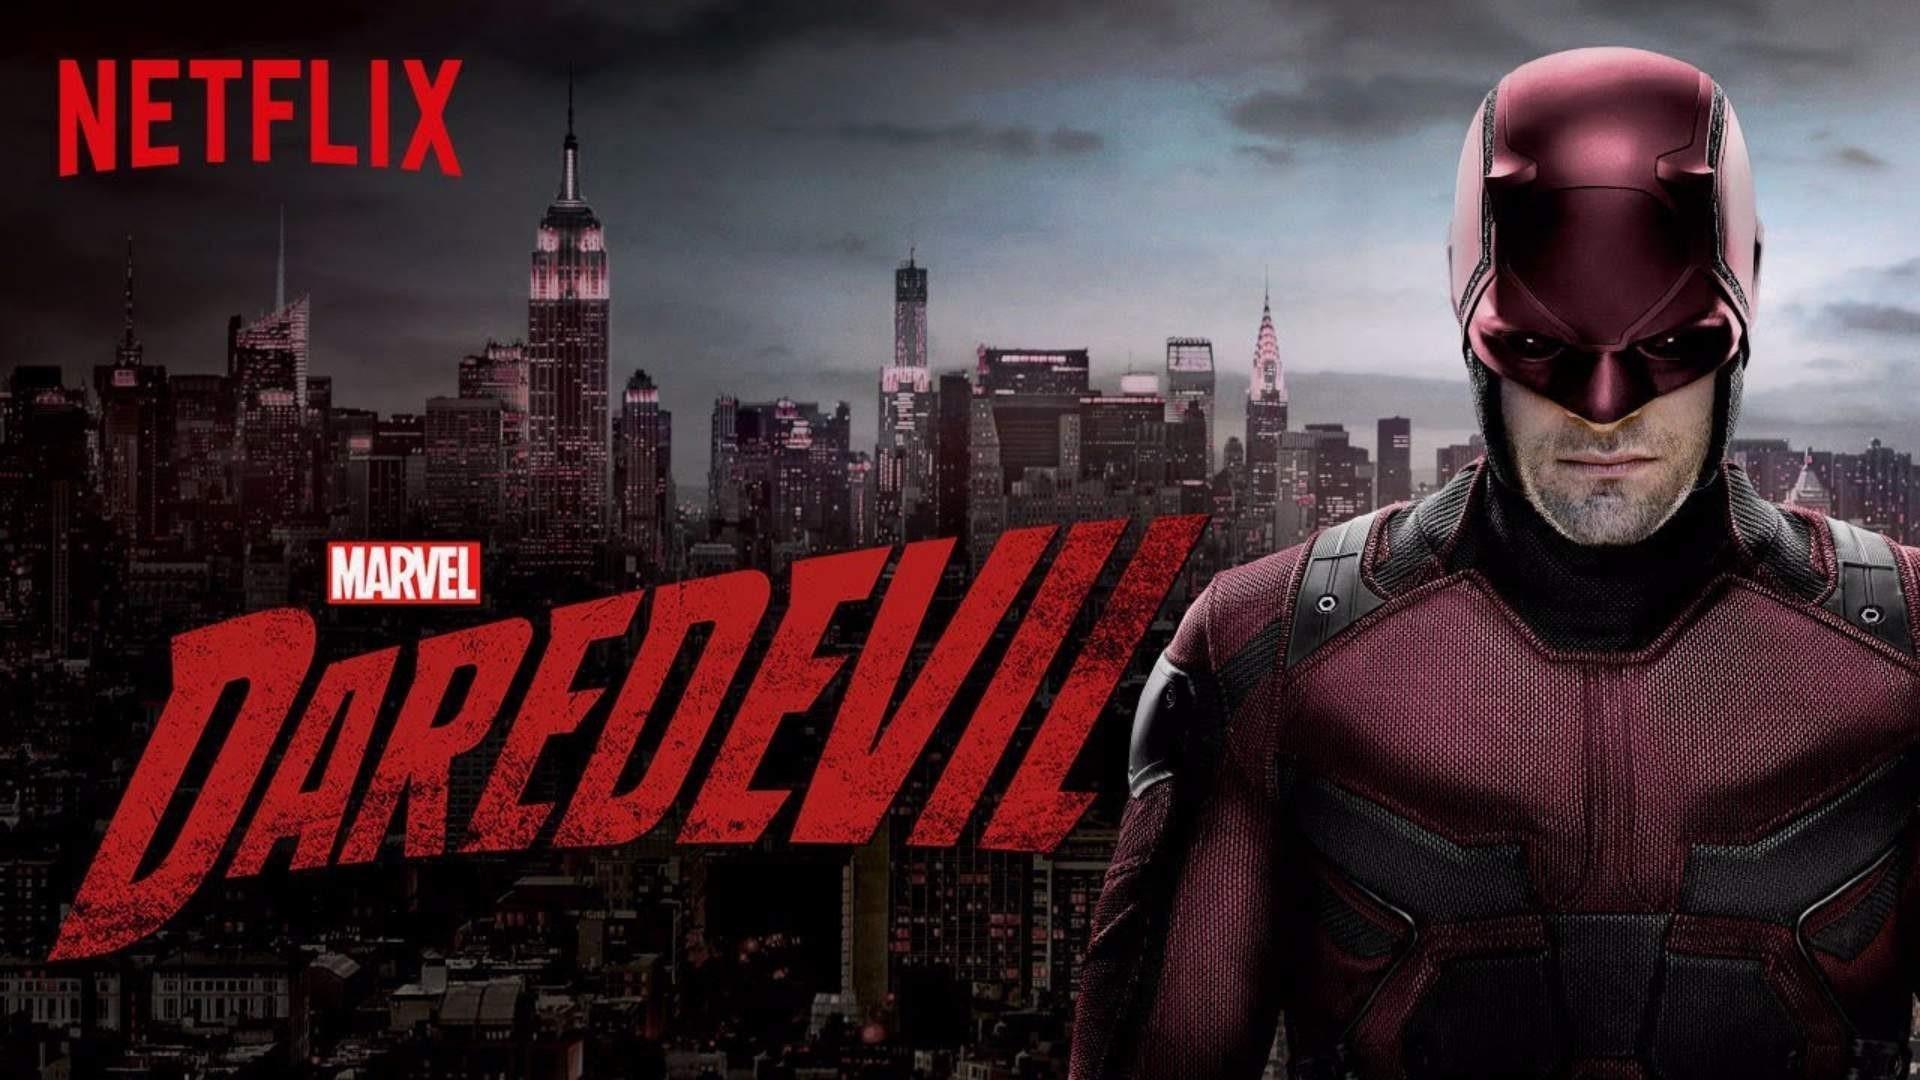 Daredevil Movie Wallpapers Photo For Desktop Wallpaper 1920 x 1080 px  623.08 KB movie logo poster